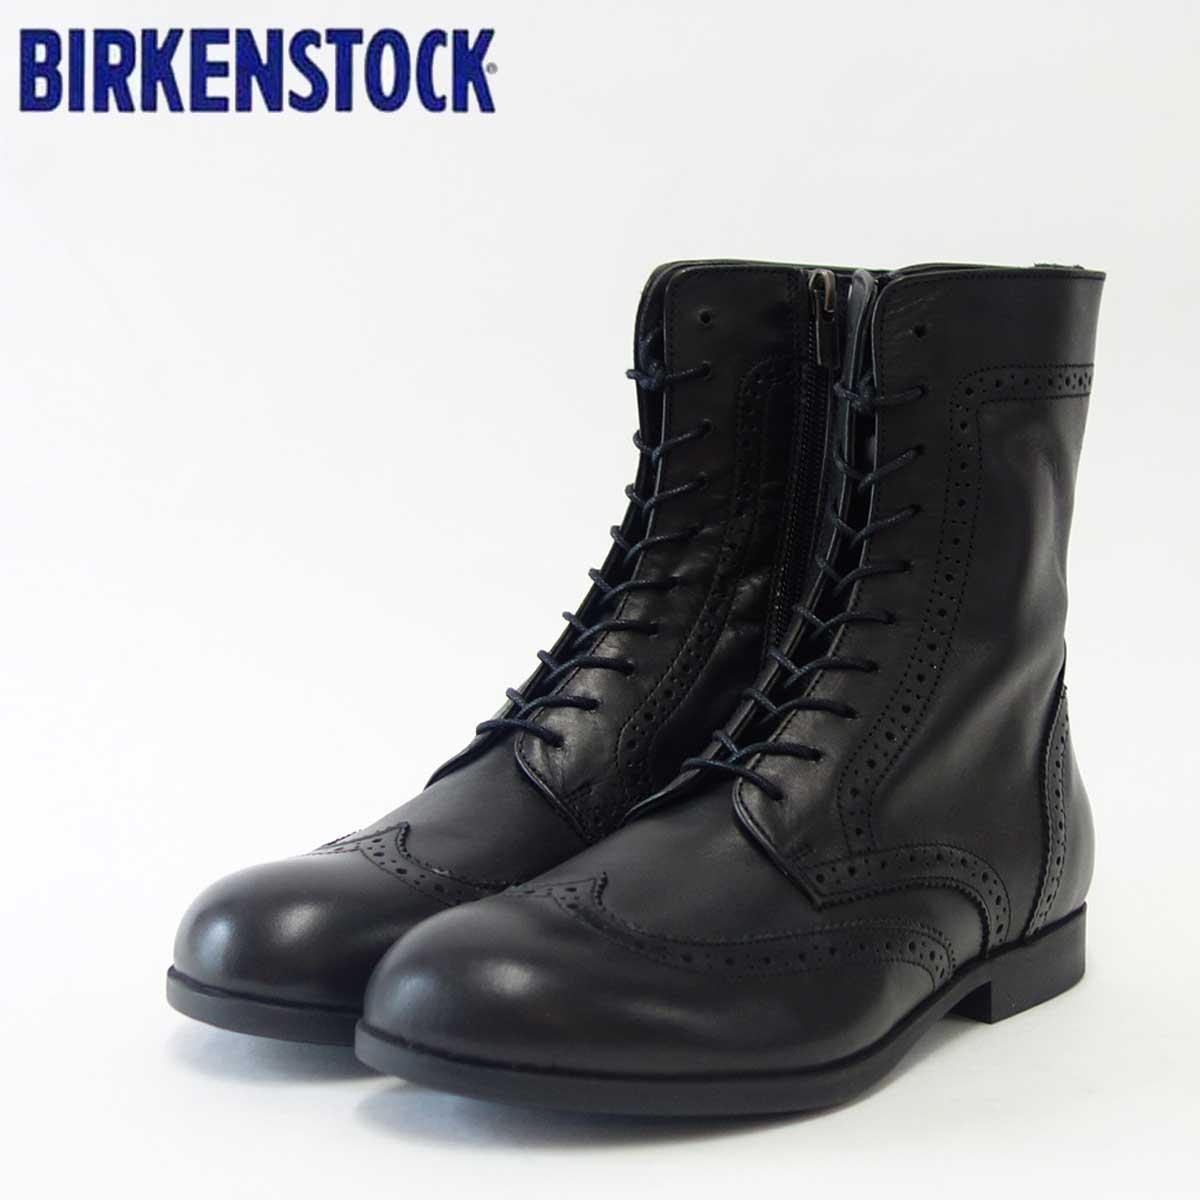 BIRKENSTOCK ビルケンシュトックLARAMIE(ララミー)レディース GS 1006900(天然皮革/ブラック)「靴」